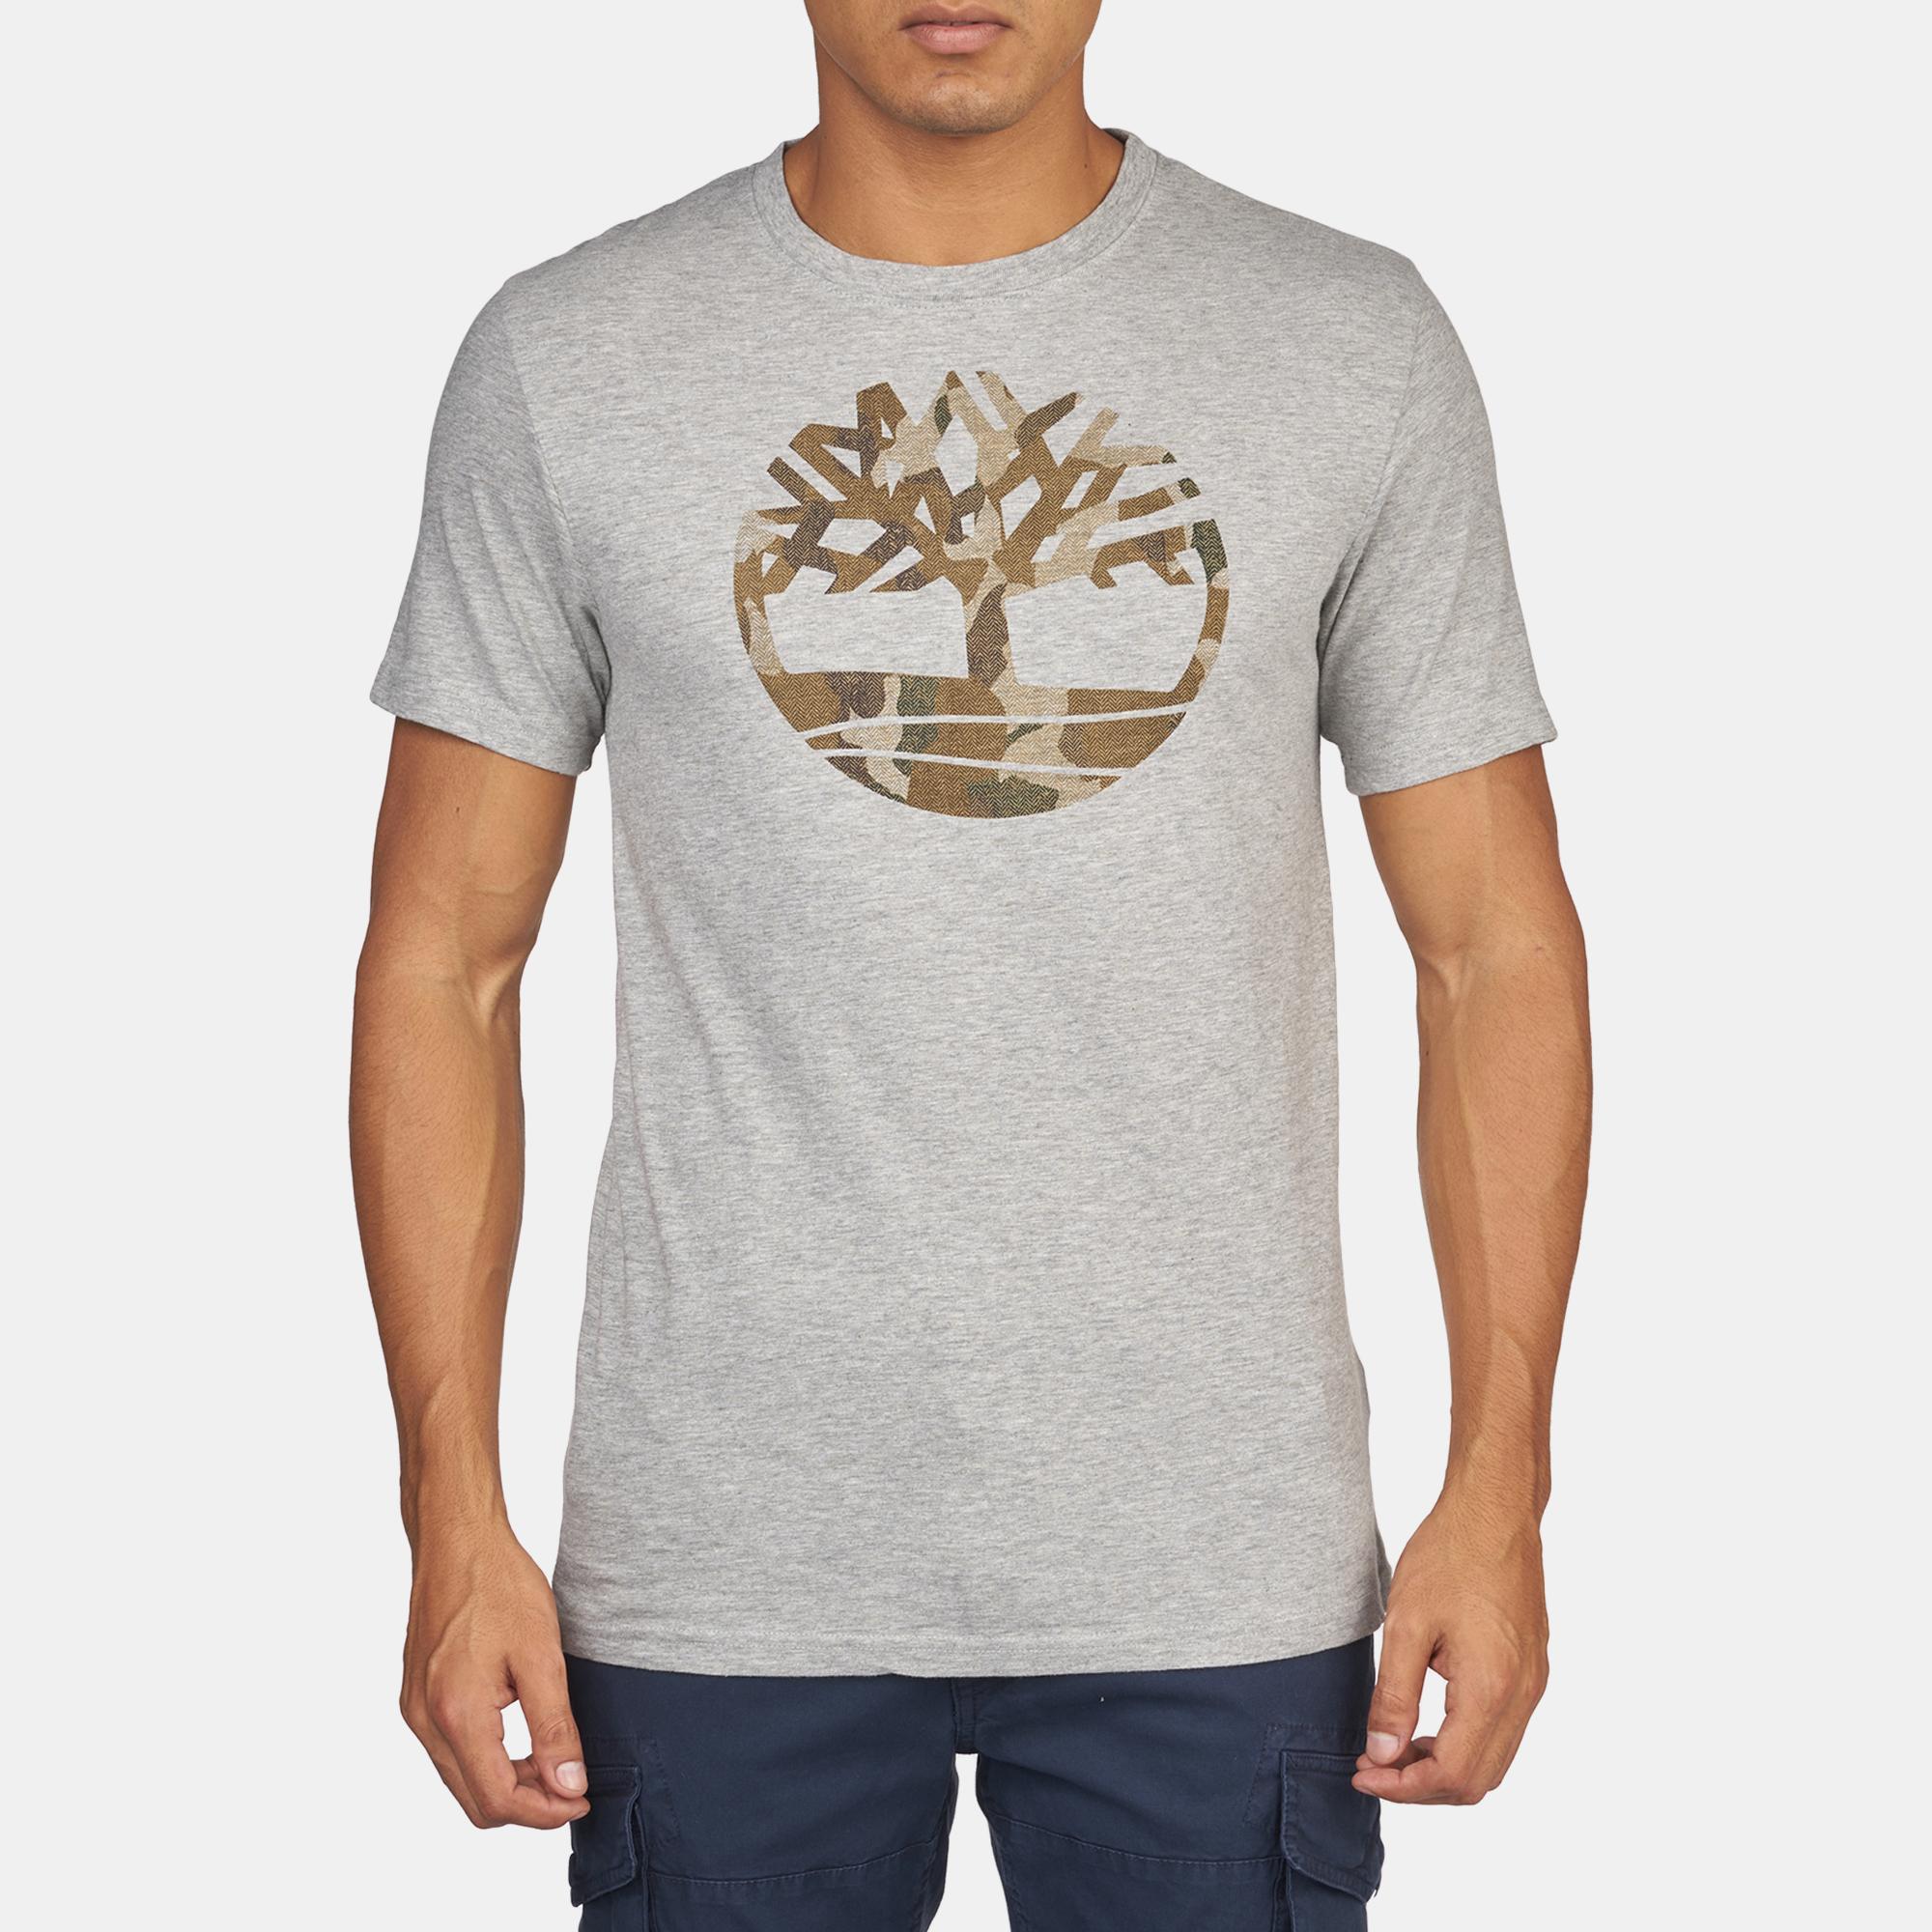 Puma Ss Fashion Mens Tshirt